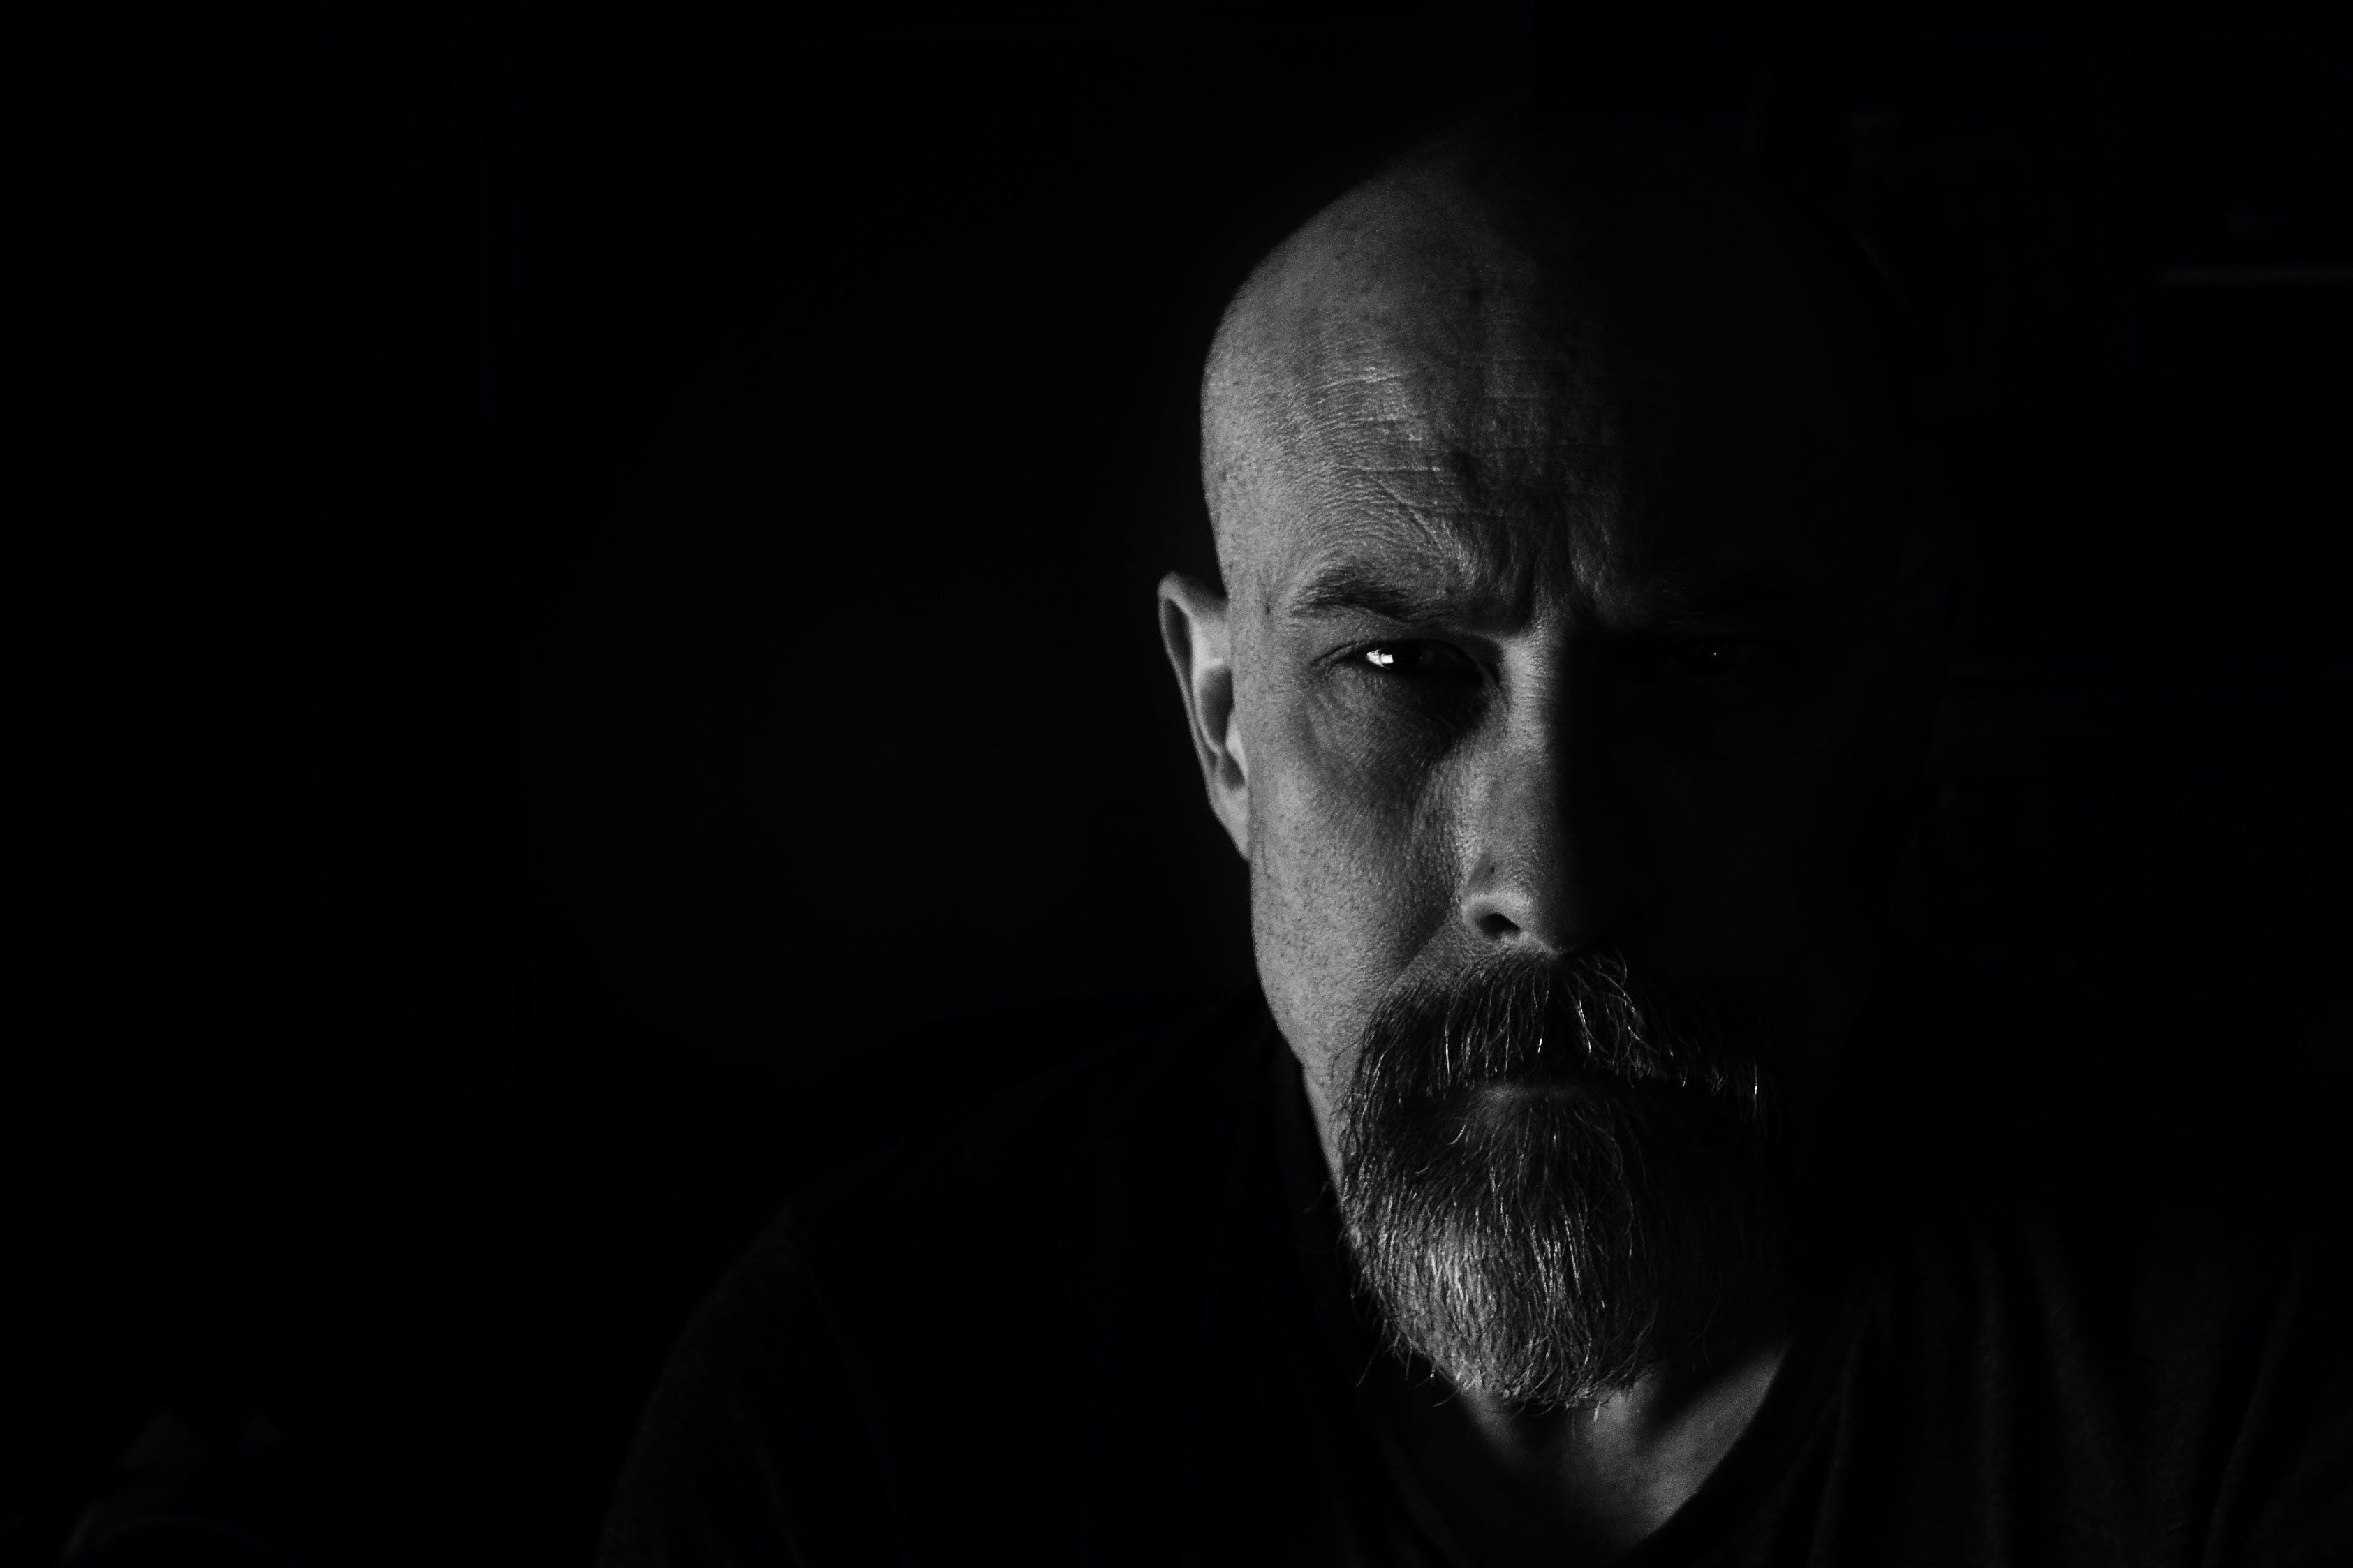 Immagine gratuita di adulto, barba, bianco e nero, espressione facciale